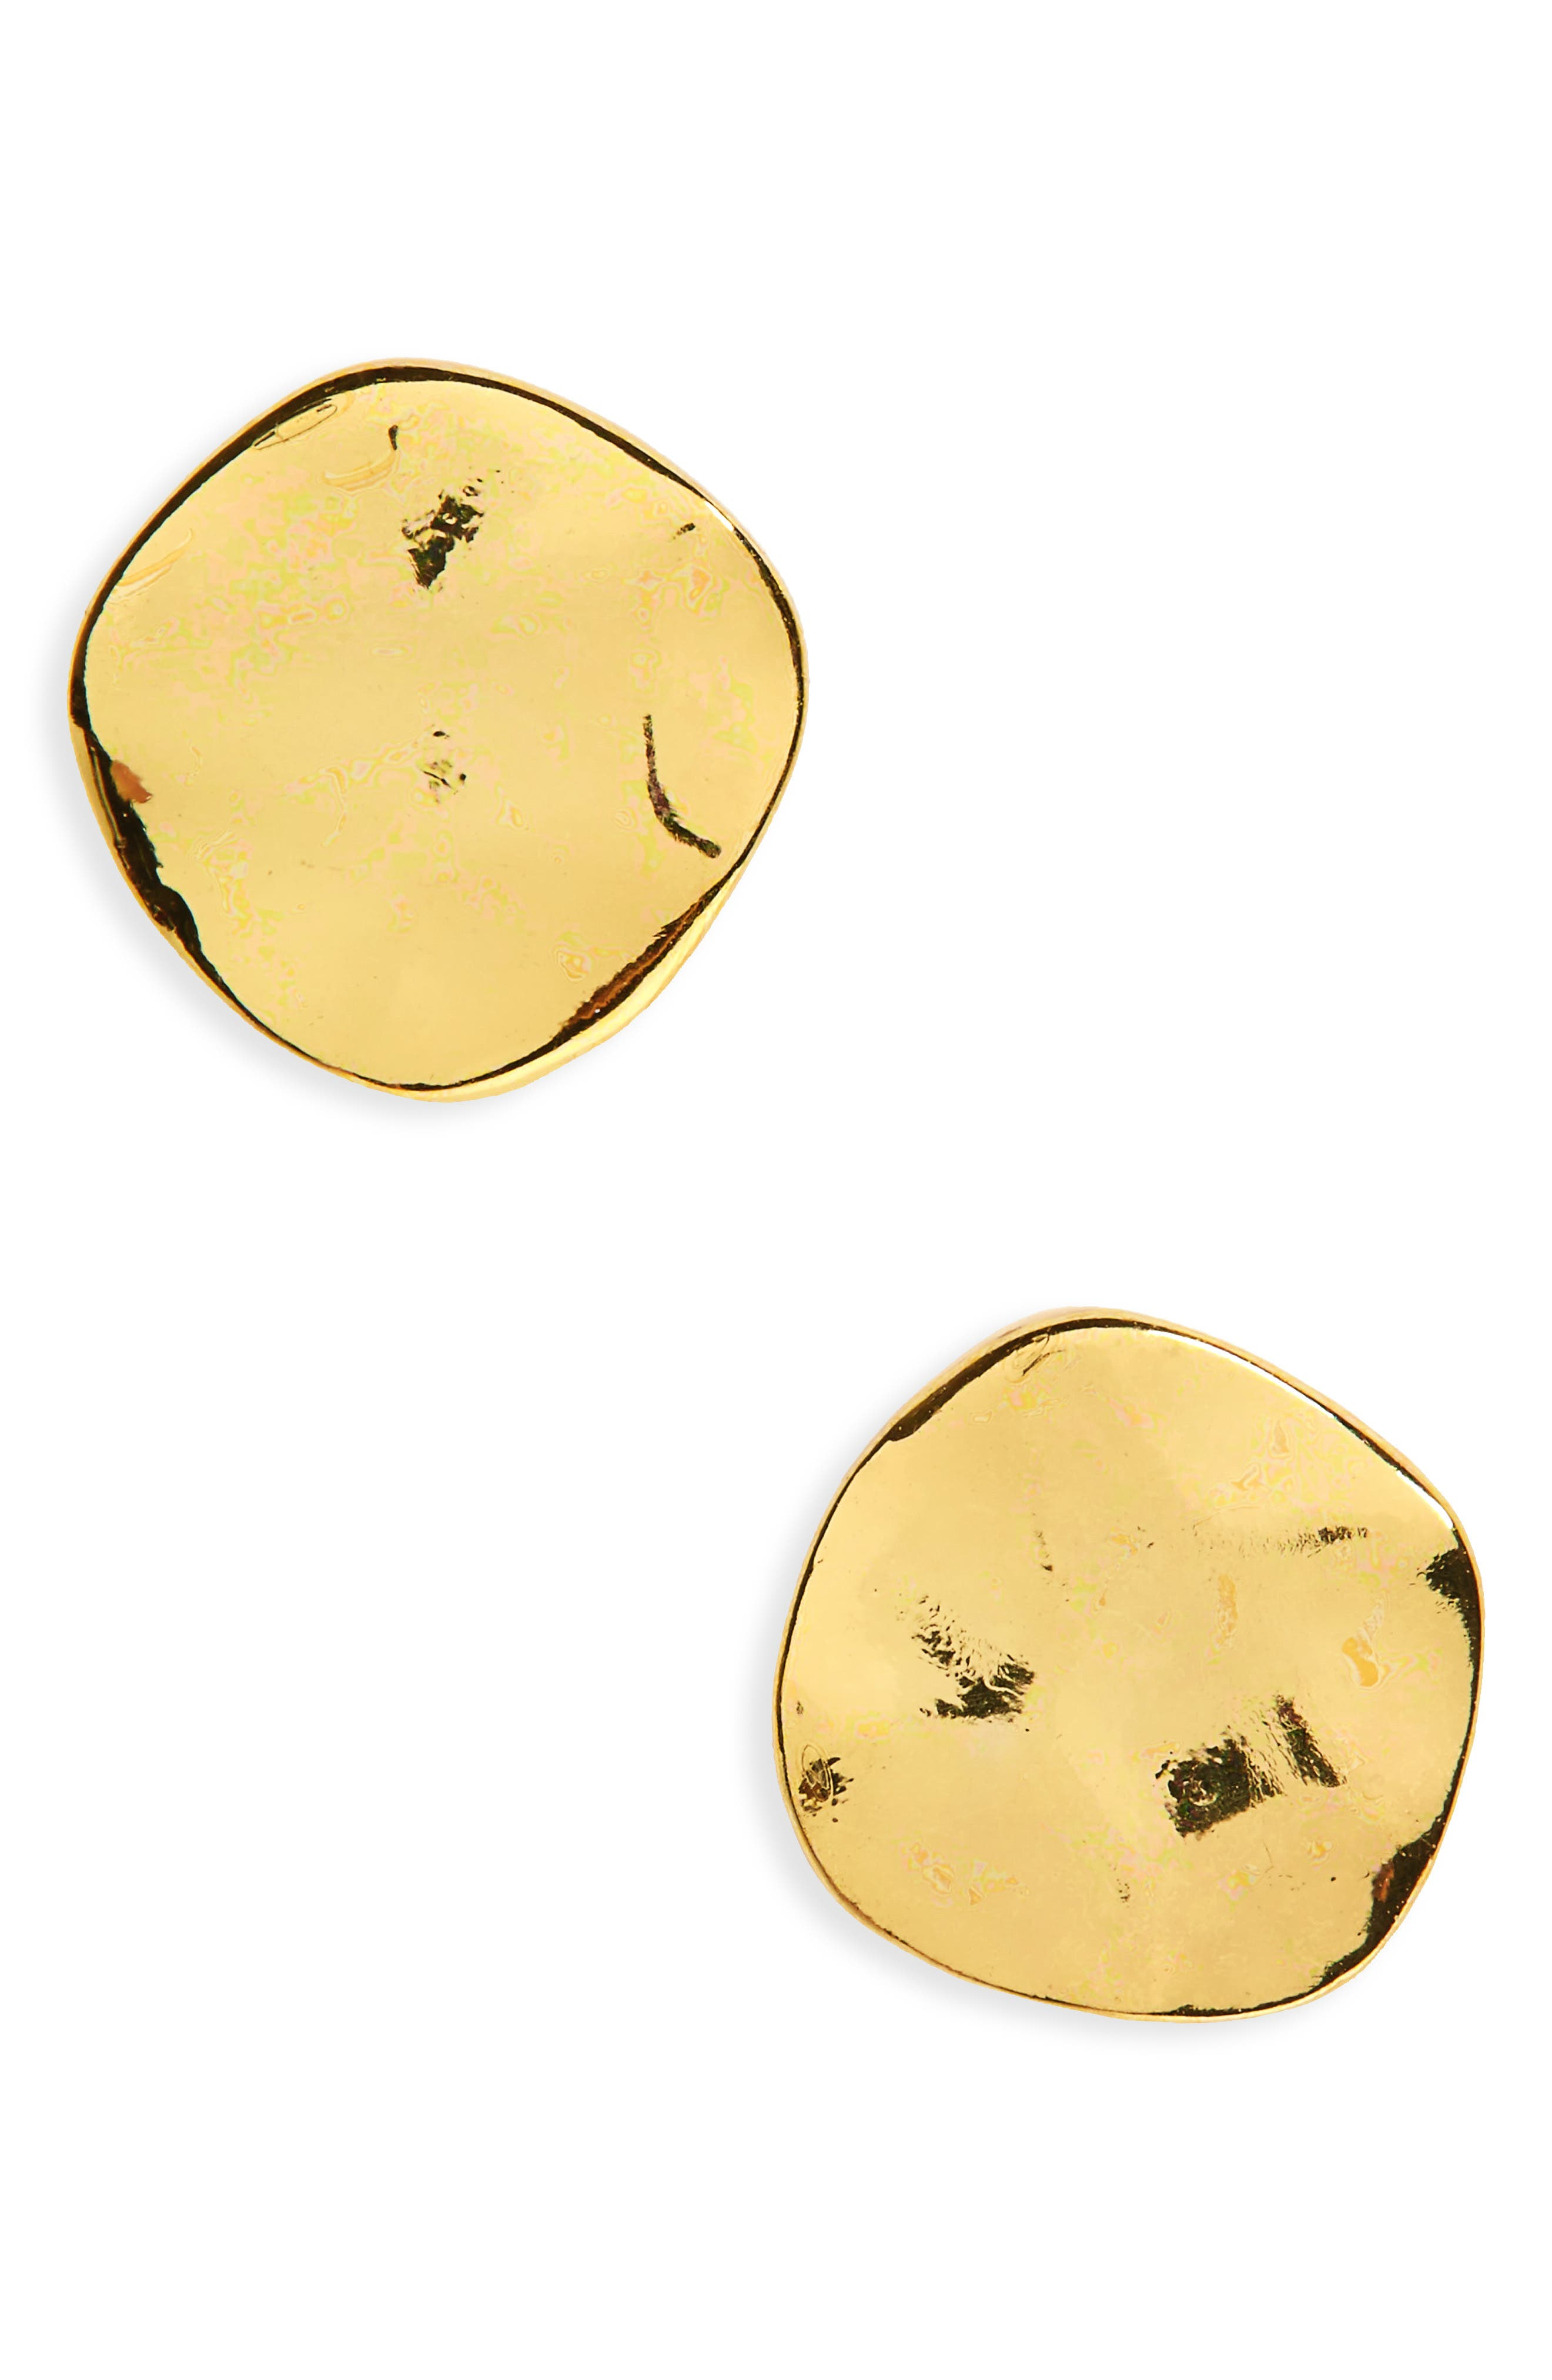 Alternate Image 1 Selected - gorjana 'Chloe' Small Stud Earrings